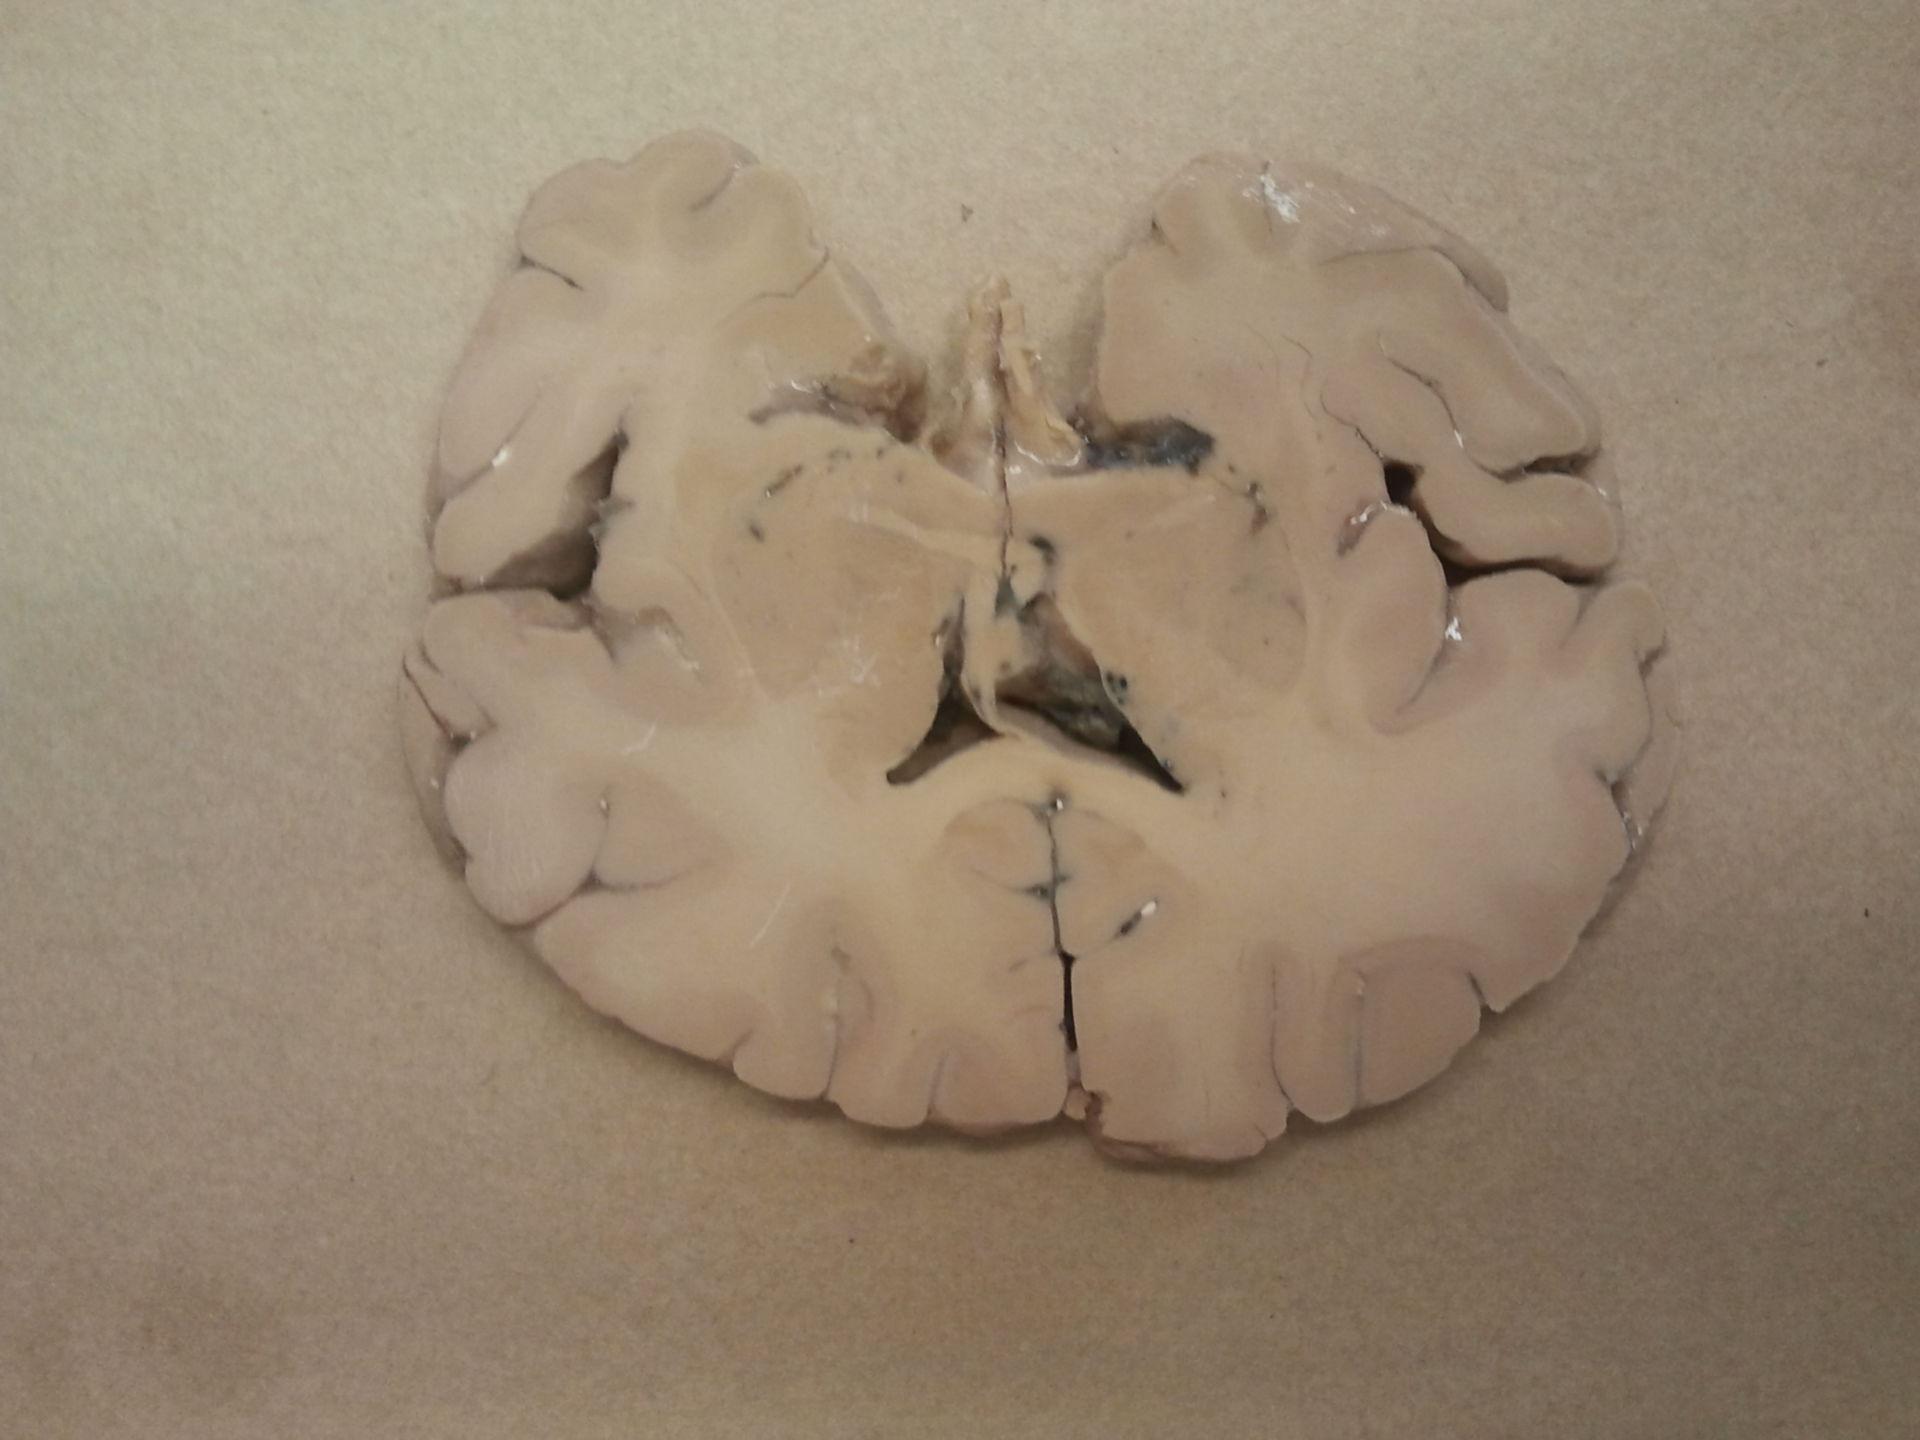 Hirnschnitt mit Ventrikel lateral mit insula Anteil b